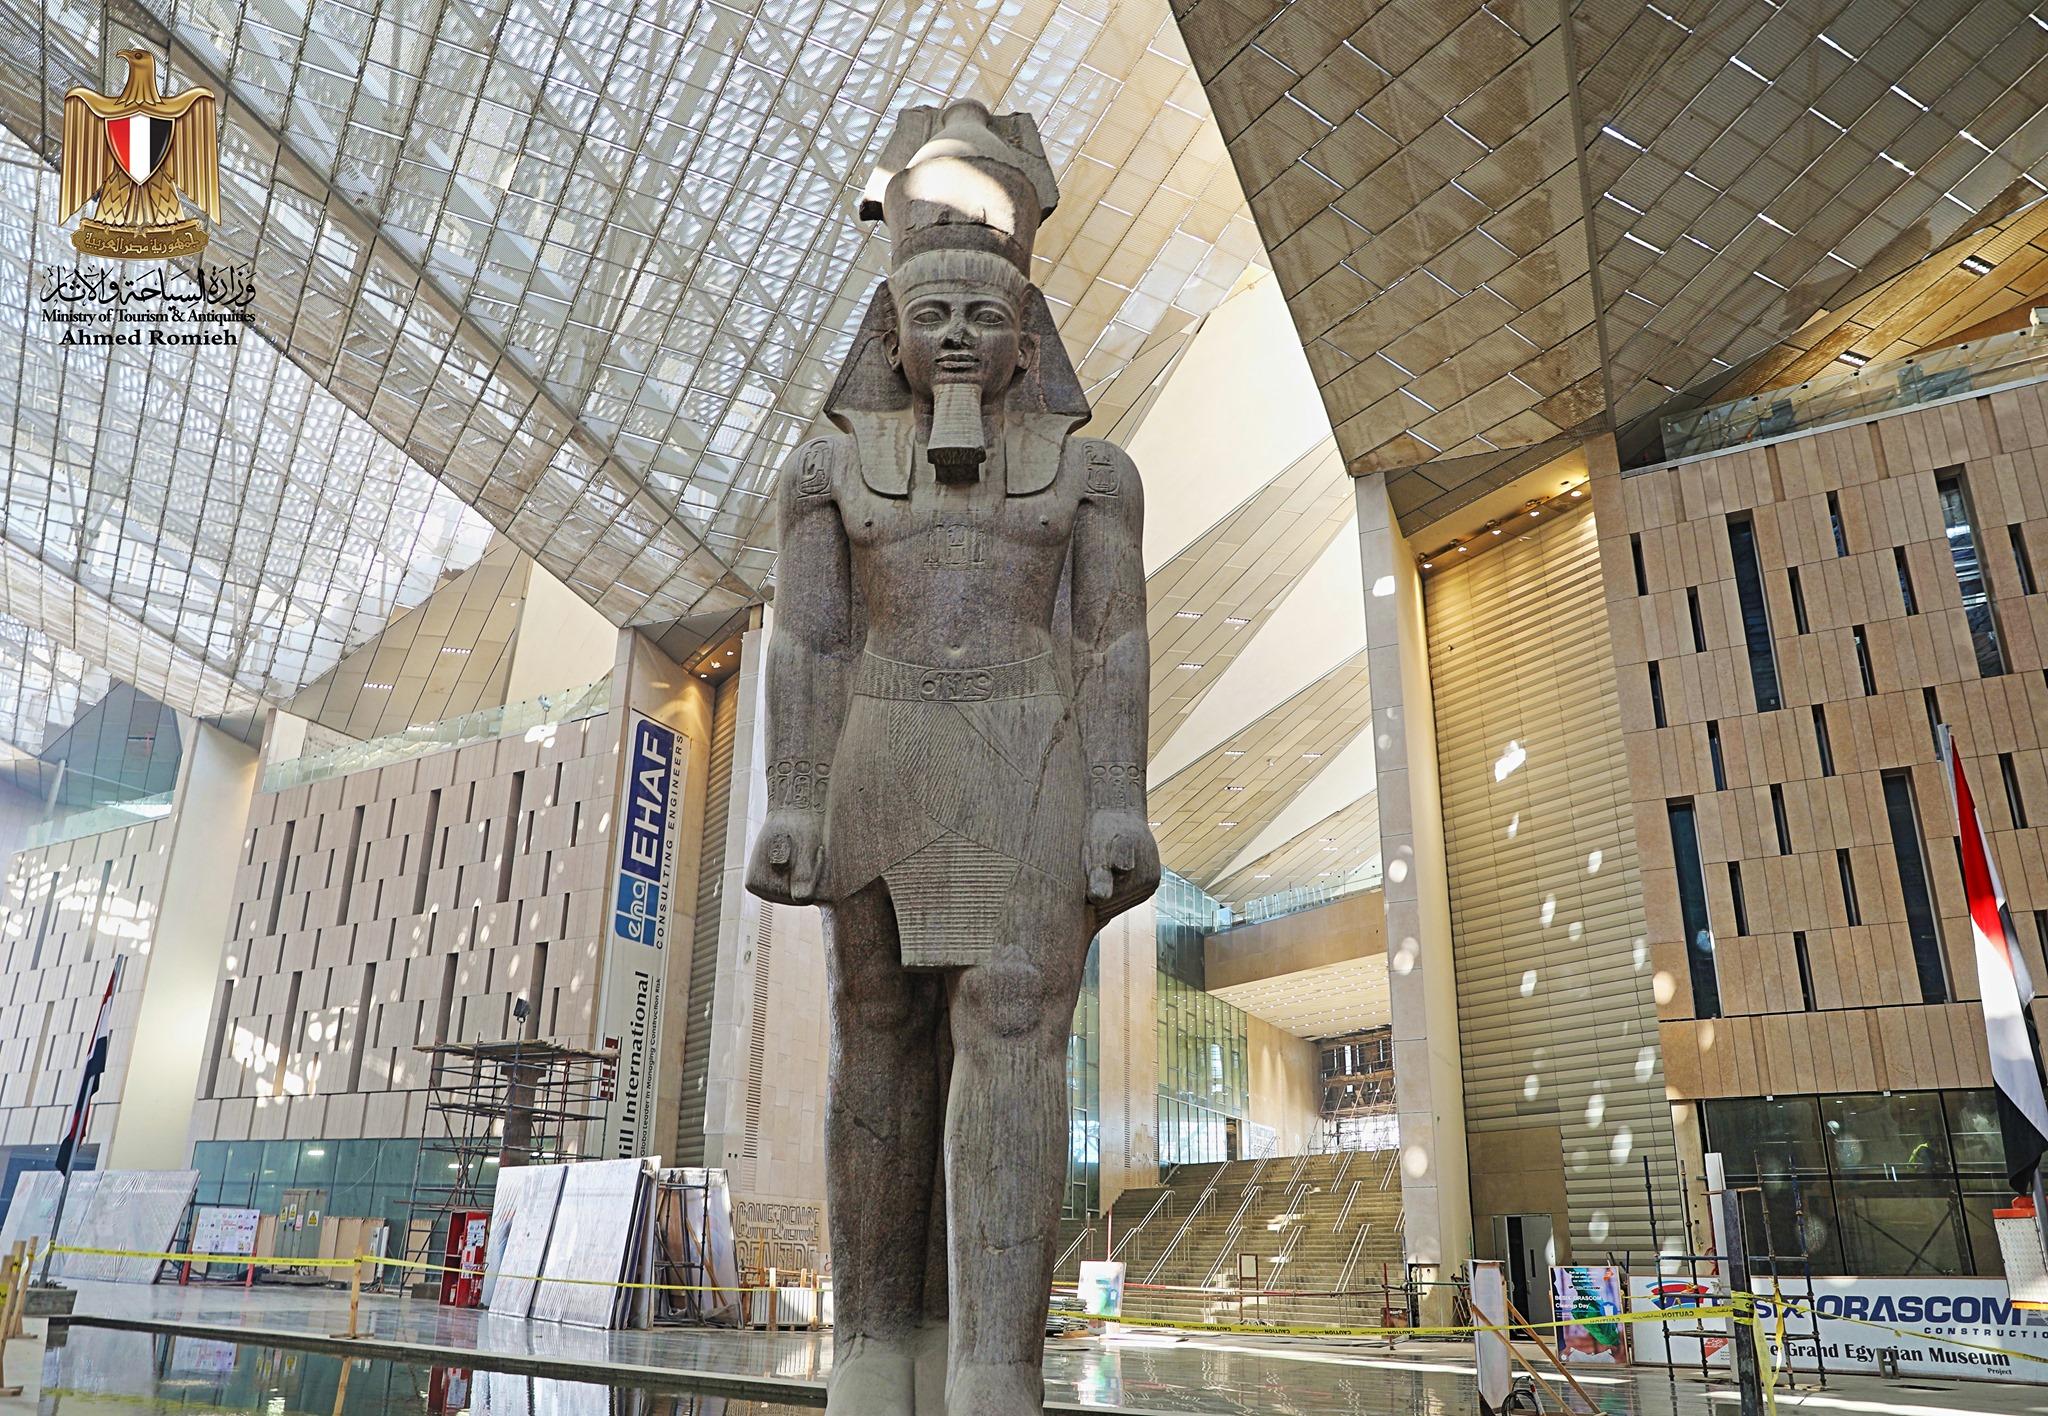 السياحة والآثار تنهي 90 % من أعمال تجهيزات المتحف المصري الكبير - اليوم  السابع